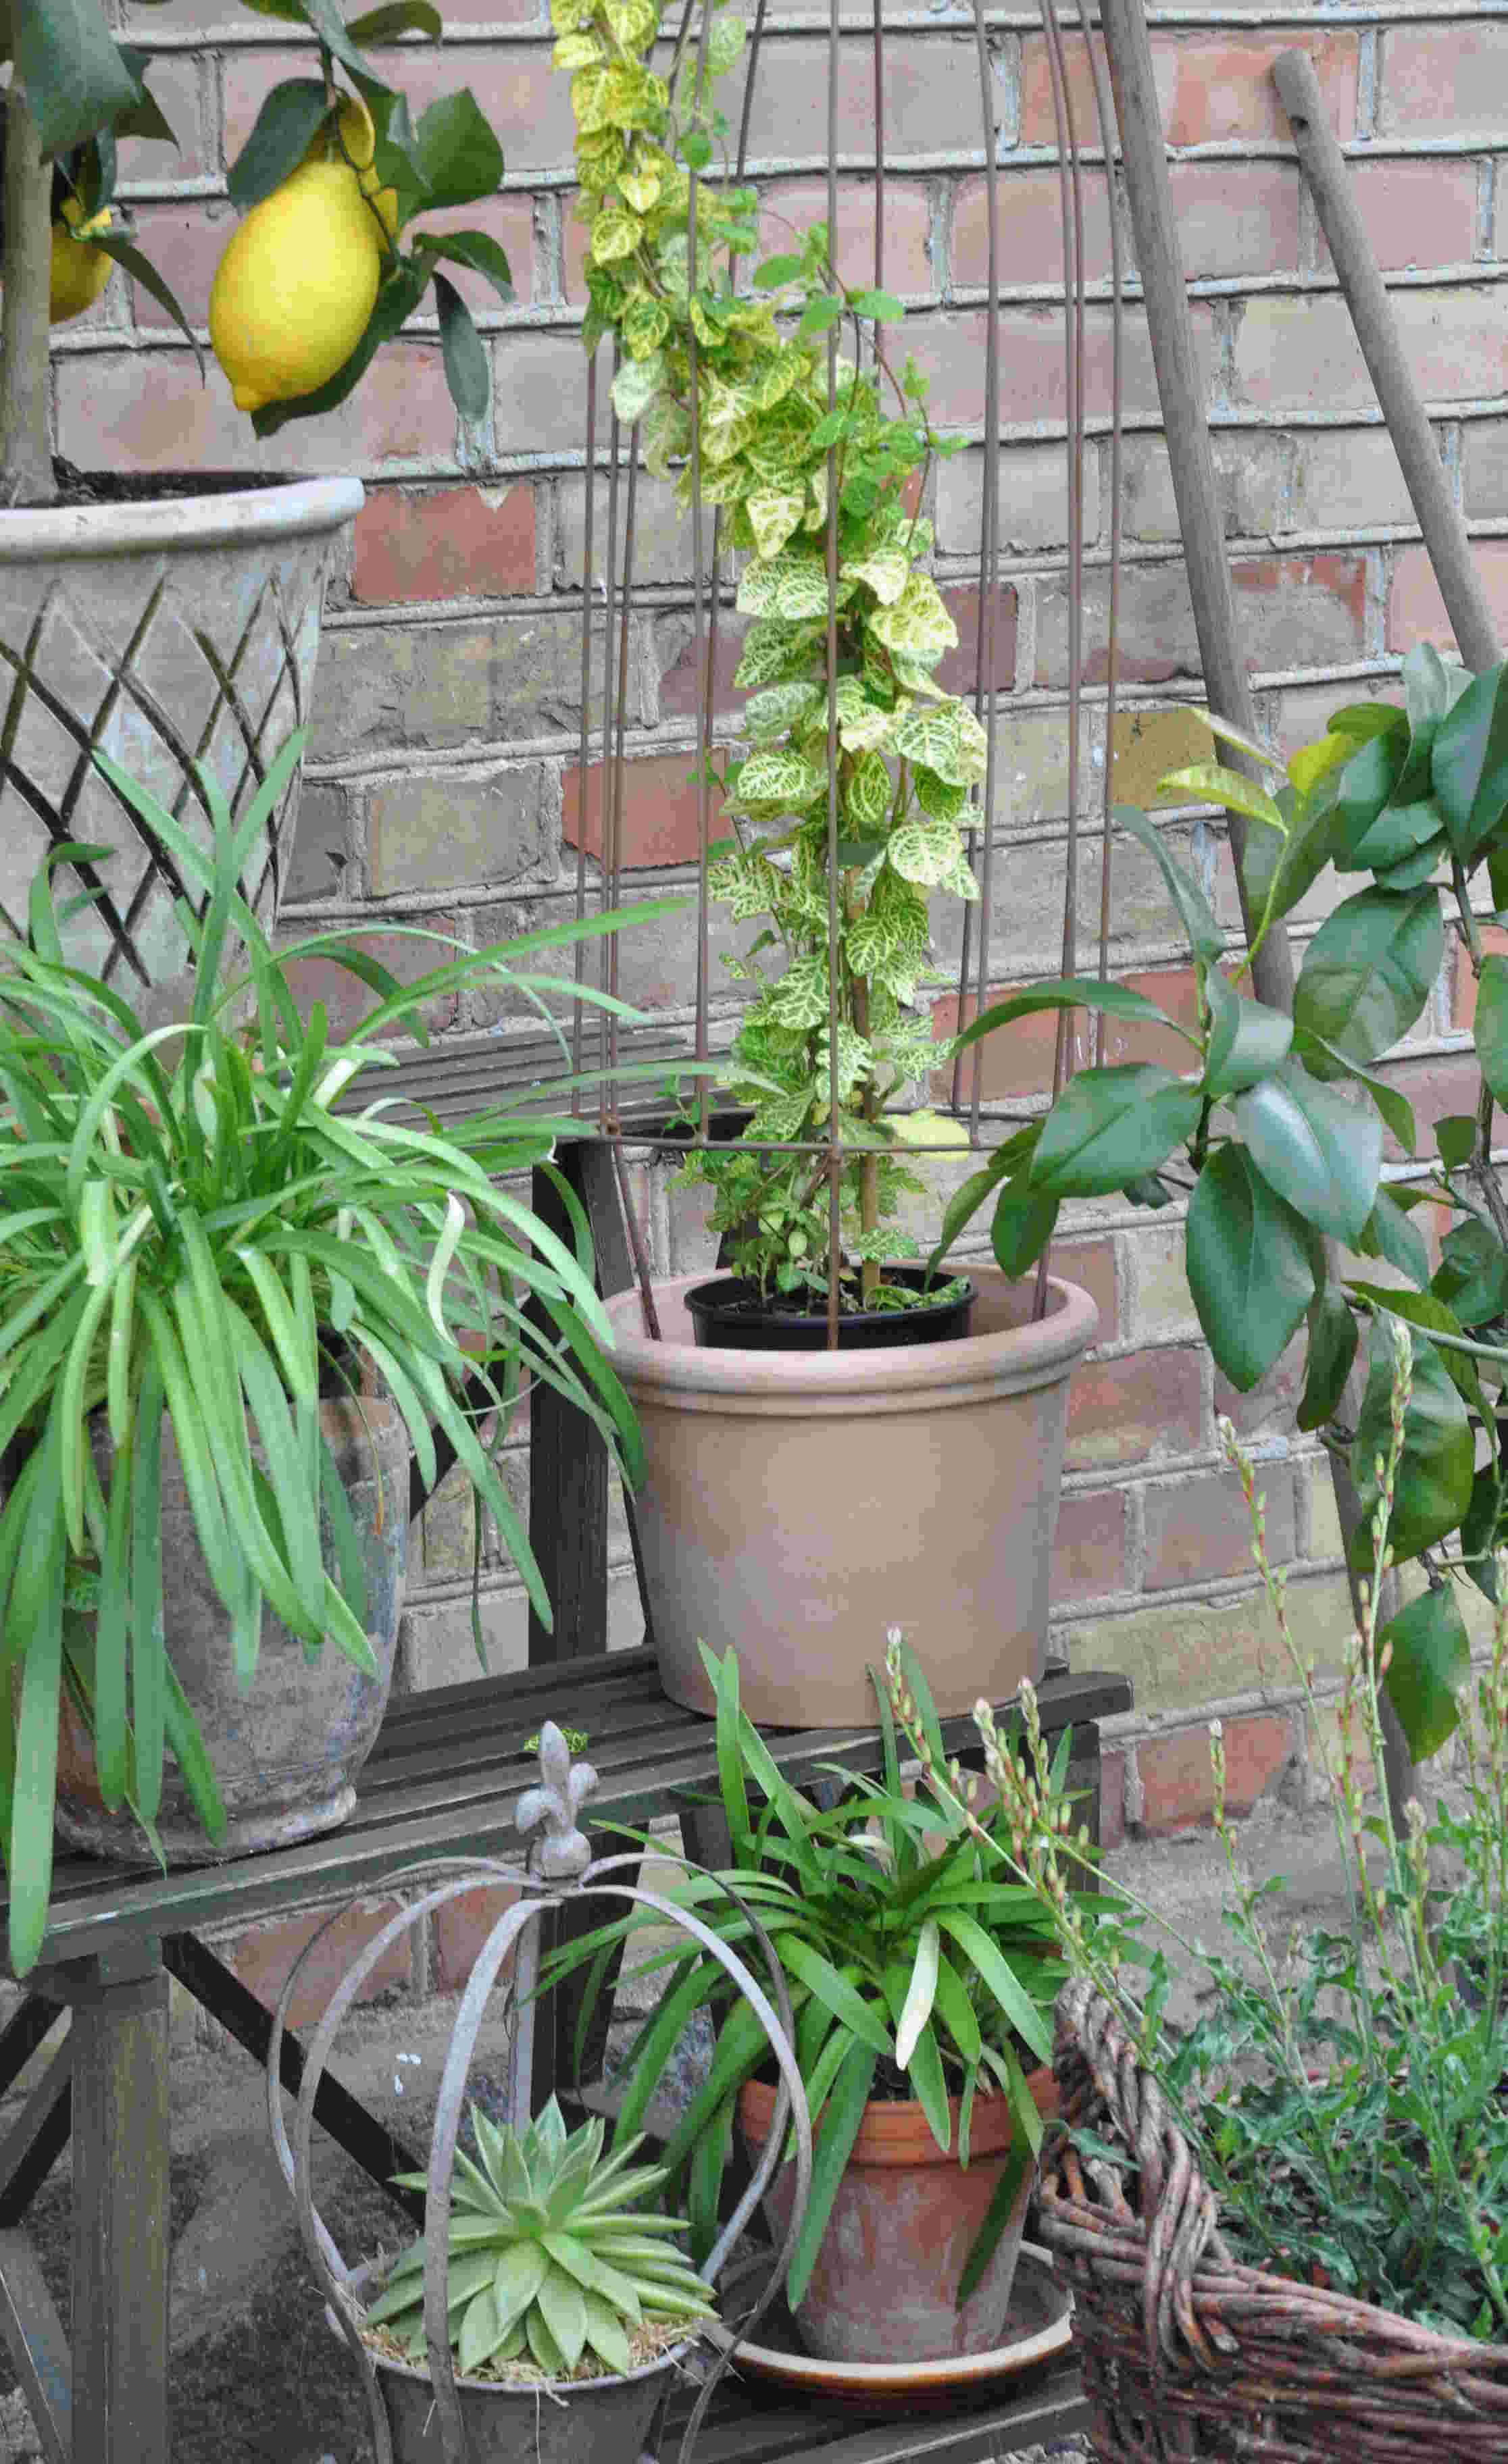 Krukodling med små och stora växter på uteplatsen.